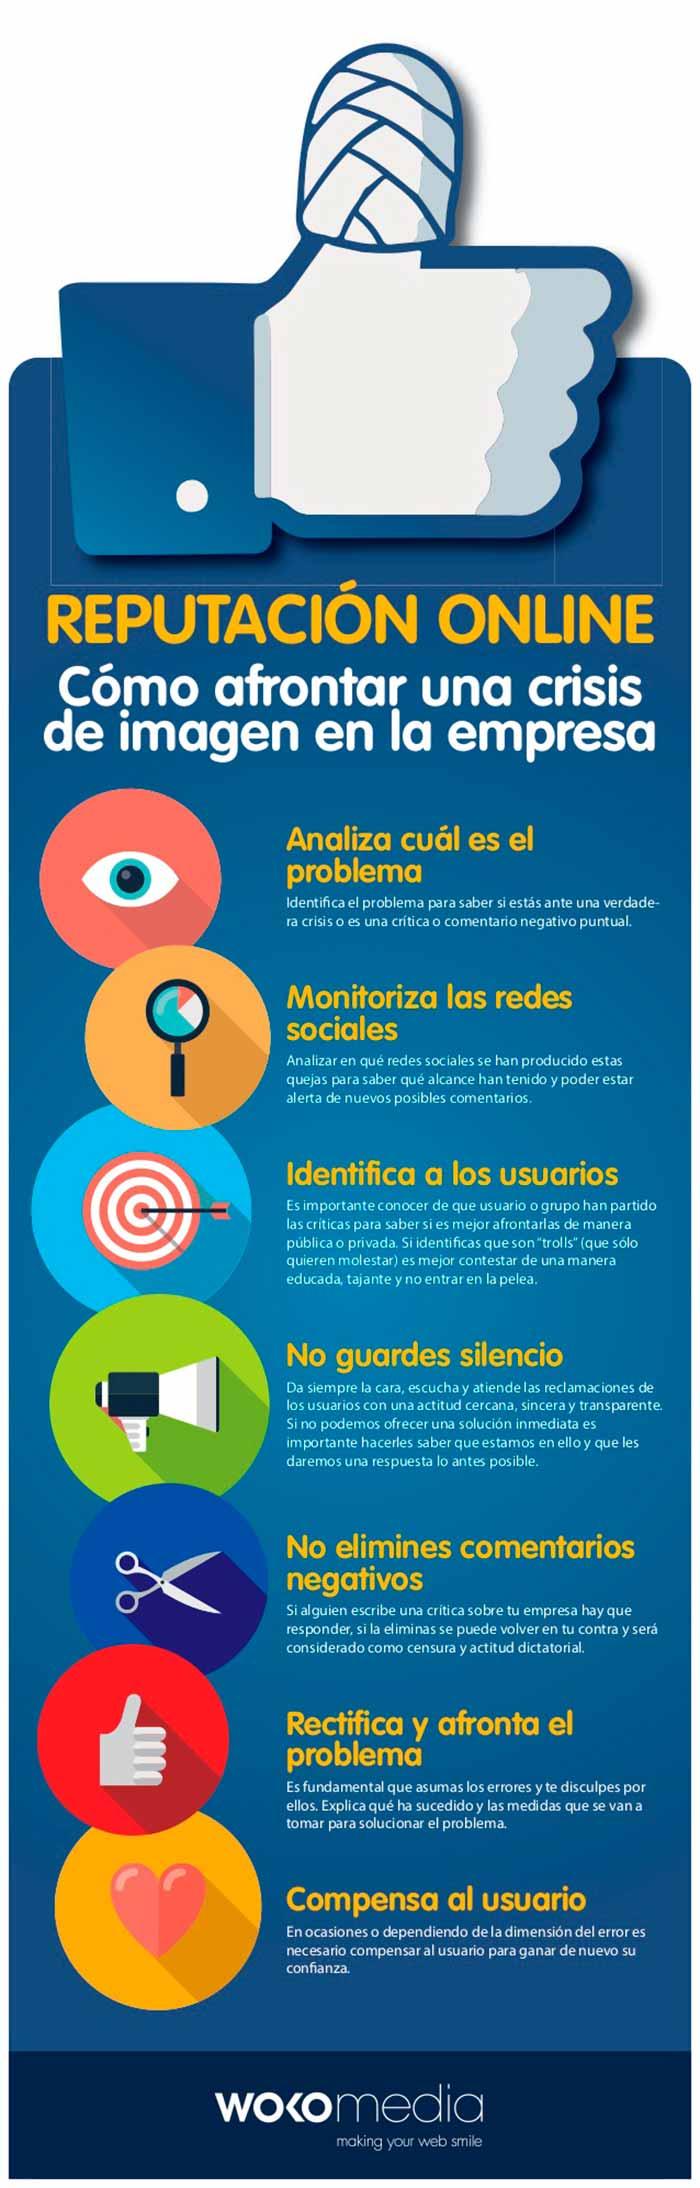 Infografia sobre como afrontar una crisis de imagen en la empresa